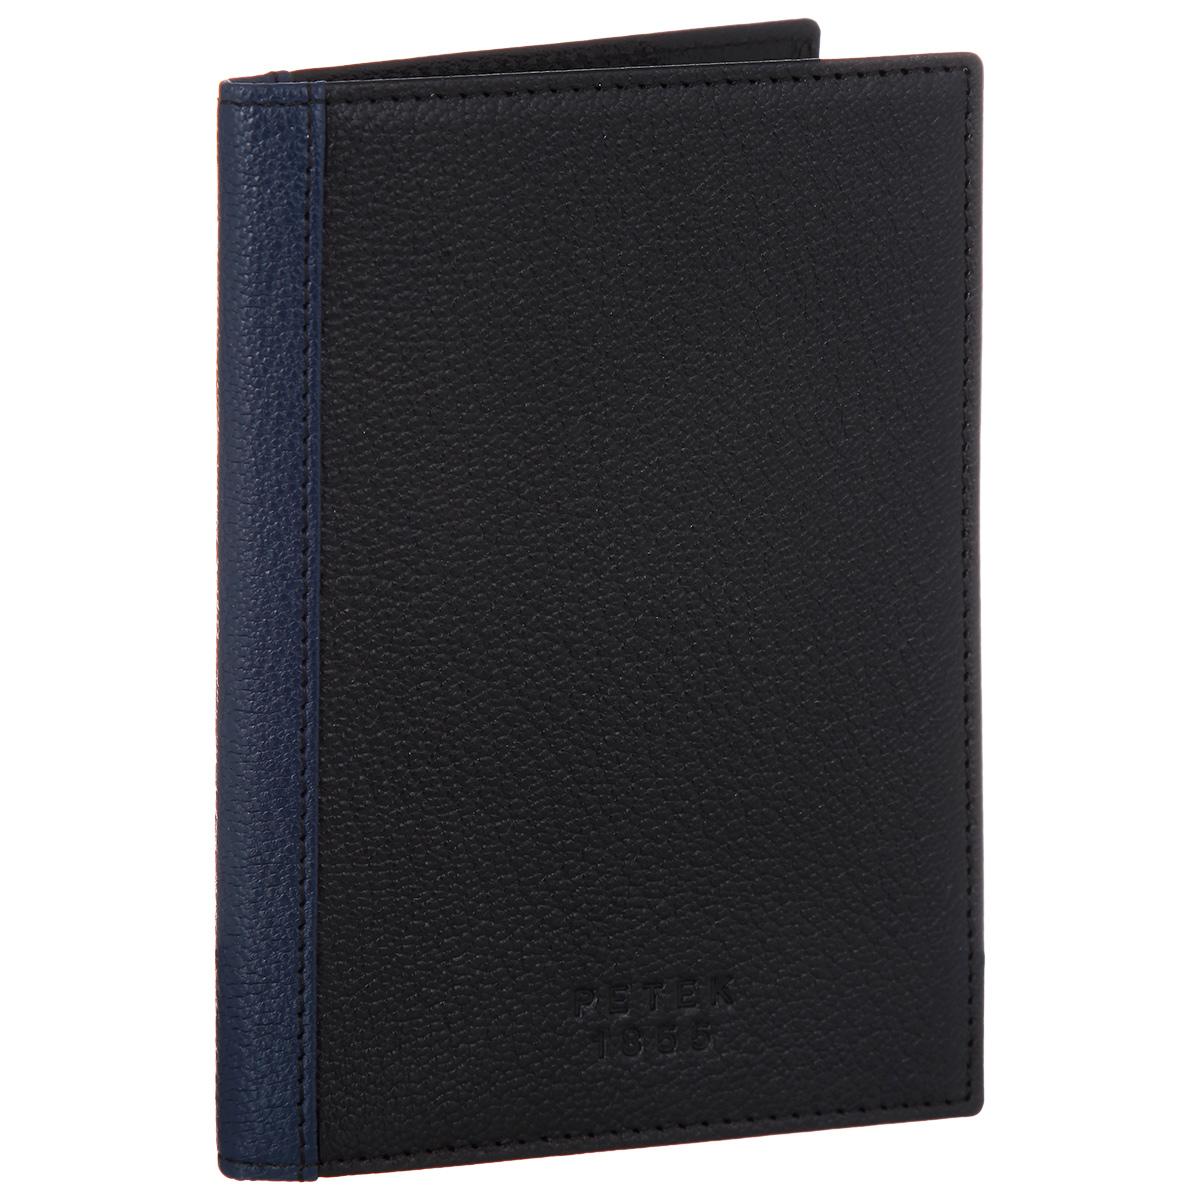 Обложка для паспорта Petek 1855, цвет: черный, темно-синий. S15005.ALS.C28S15005.ALS.C28 Black-N.BlueОбложка для паспорта из коллекции Petek1855 в комбинированной коже из двух цветов. Внутри имеется открытый кармашек для посадочного талона.